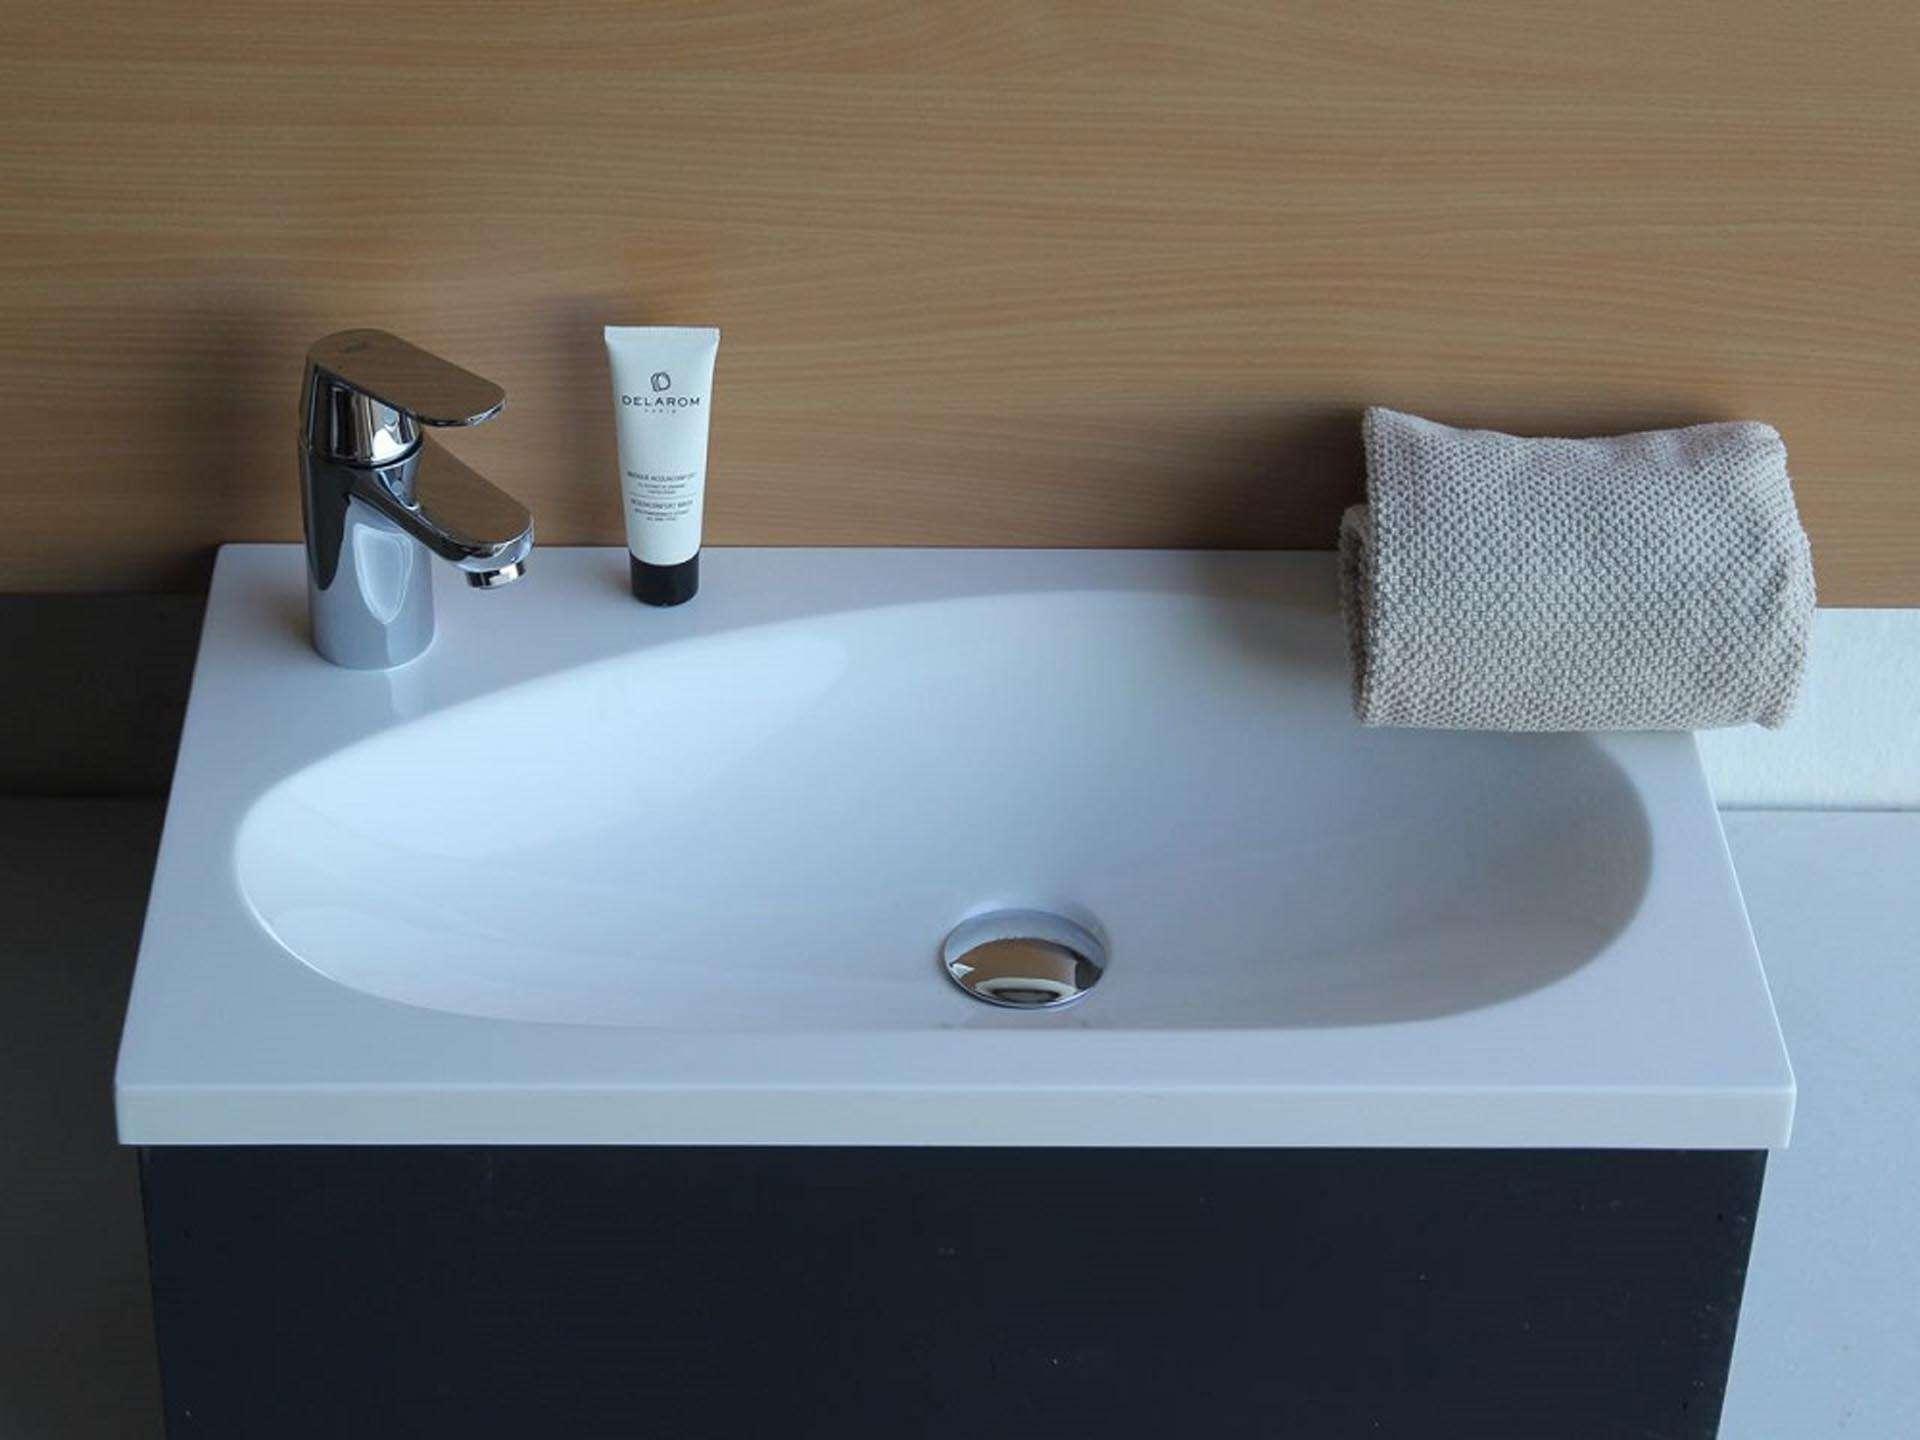 Flot designhåndvask i Kunstmarmor (Top-Solid). Vasken er lavet i hvid højglans komposit, som gør den meget nem at holde ren. Vasken har målene: 61 x 35,5 x 3 cm. Vasken tåler alle former for rengøringsmidler. Vasken skal stå på et skab. Køb et af vores tre slags åbne ophæng til slimlinevaske eller se vores guide til hvilket skab, der passer til og hvor du kan købe det. Vasken er hensynsmæssigt designet med fine rundinger, som både giver vasken et eksklusivt udtryk og gør den rengøringsvenlig. Vasken vedligeholdes med voks - vi anbefaler en behandling med vores egen naturvoks ID12002 et par gange om året for at opnå optimalt look.